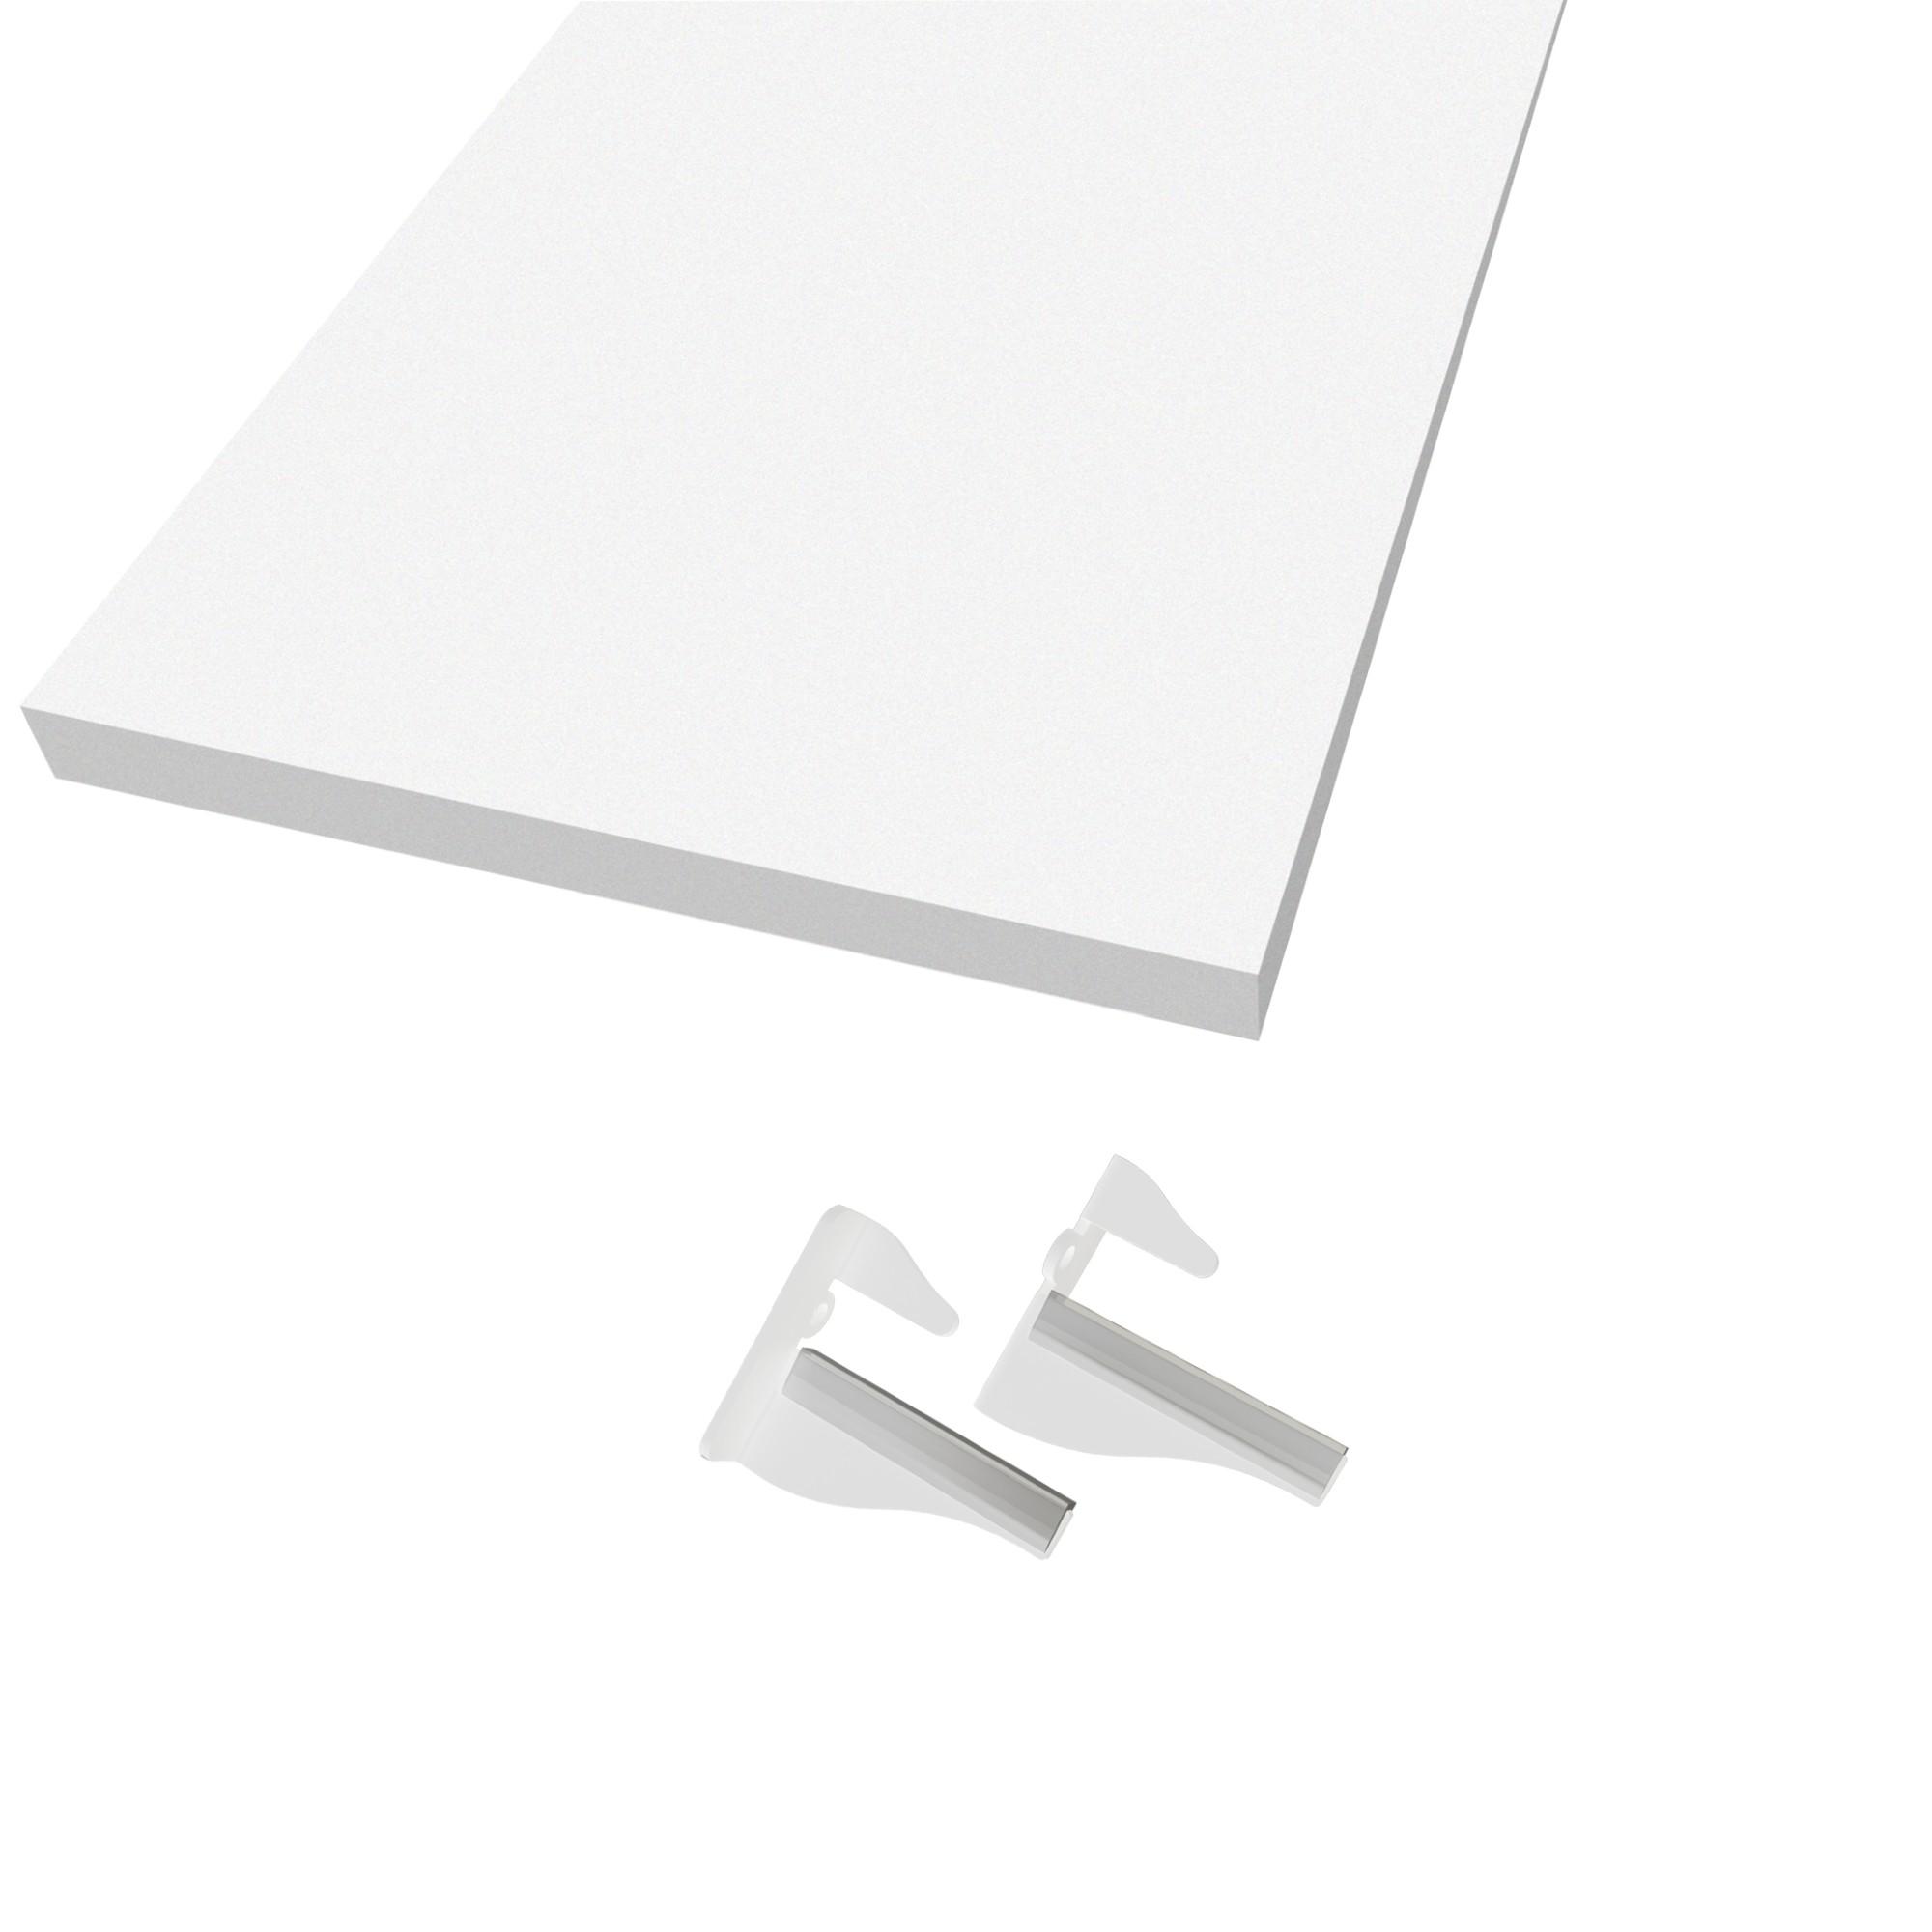 Prateleira Torino MDF com Suporte 40x20 cm Dicarlo - Branco